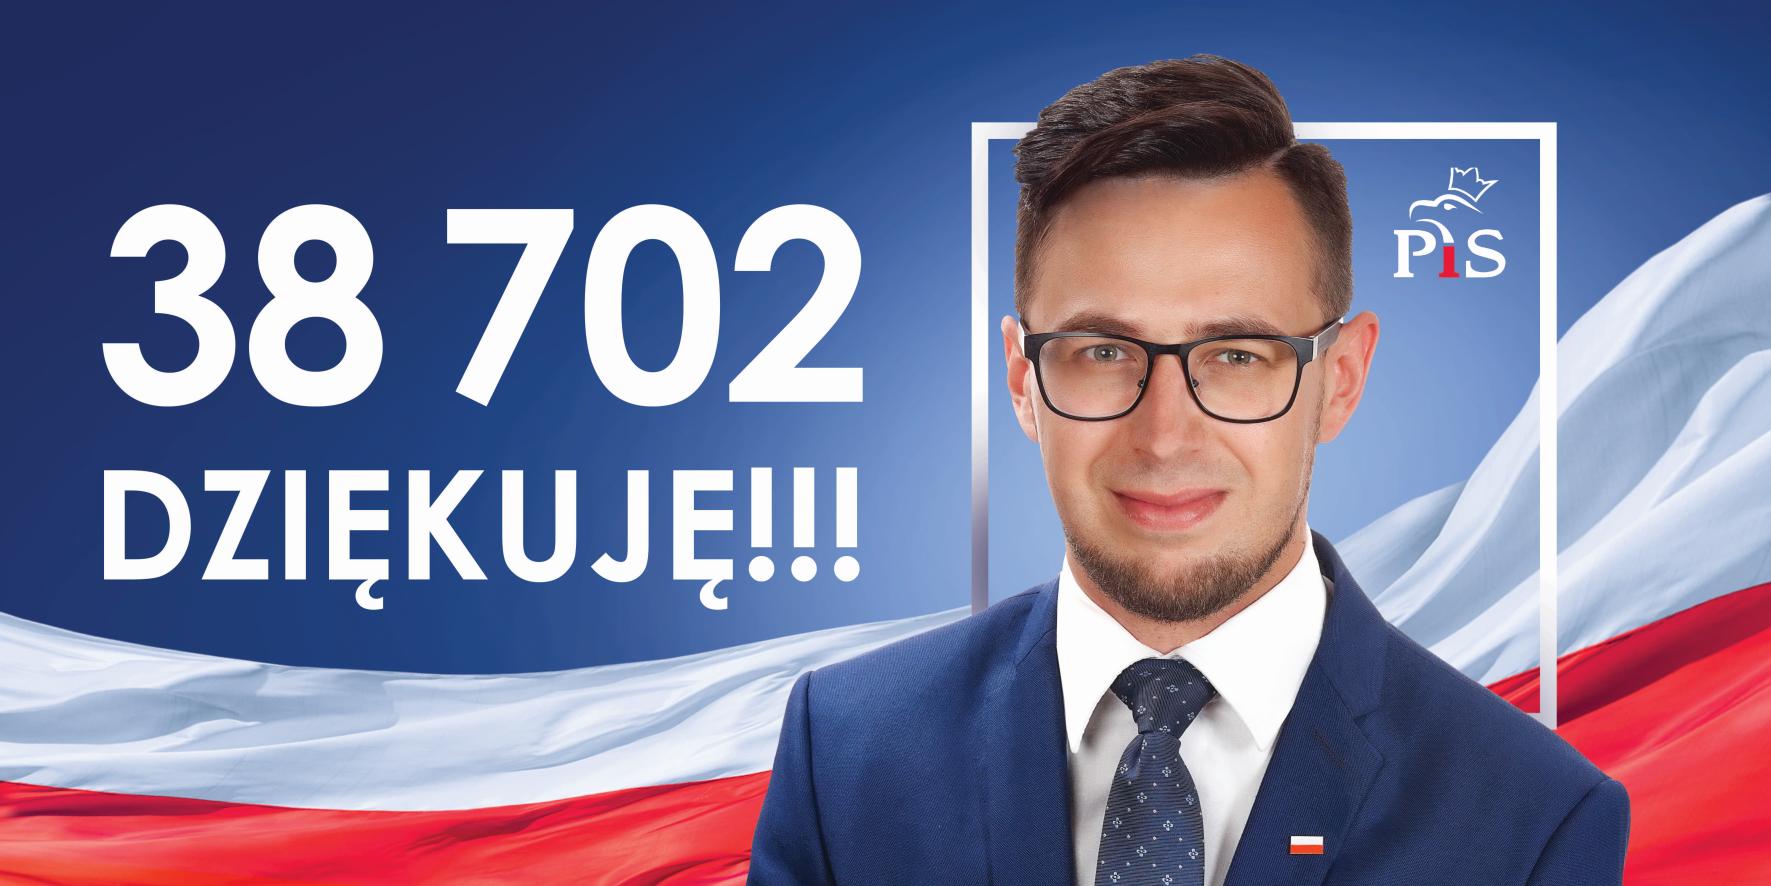 Radny wojewódzki Filip Kaczyński dziękuje za poparcie w wyborach